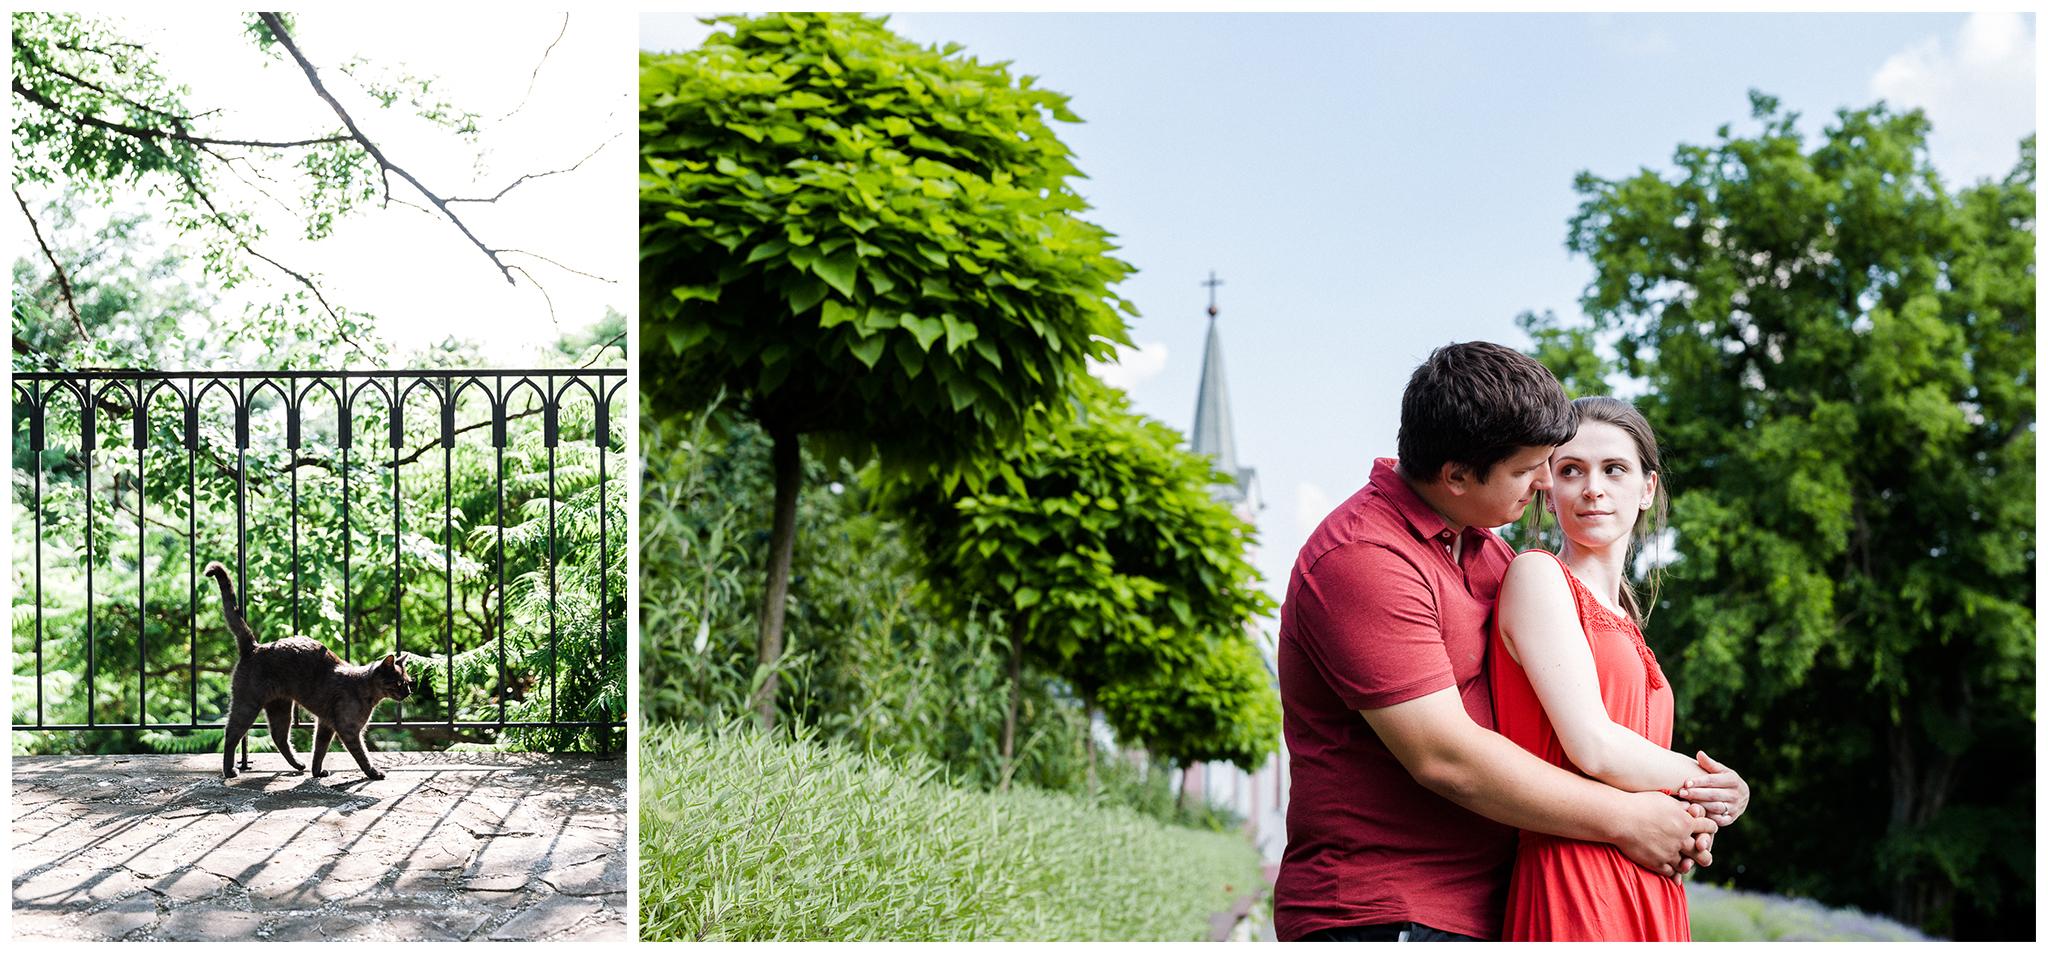 MONT_FylepPhoto, Esküvőfotós Vasmegye, Esküvő fotózás, Esküvői fotós, Körmend, Vas megye, Dunántúl, Budapest, Fülöp Péter, Jegyes fotózás, jegyes, kreatív, kreatívfotózás, Balaton, Levendula, lavender, Ausztira_Petra&Lali_008.jpg